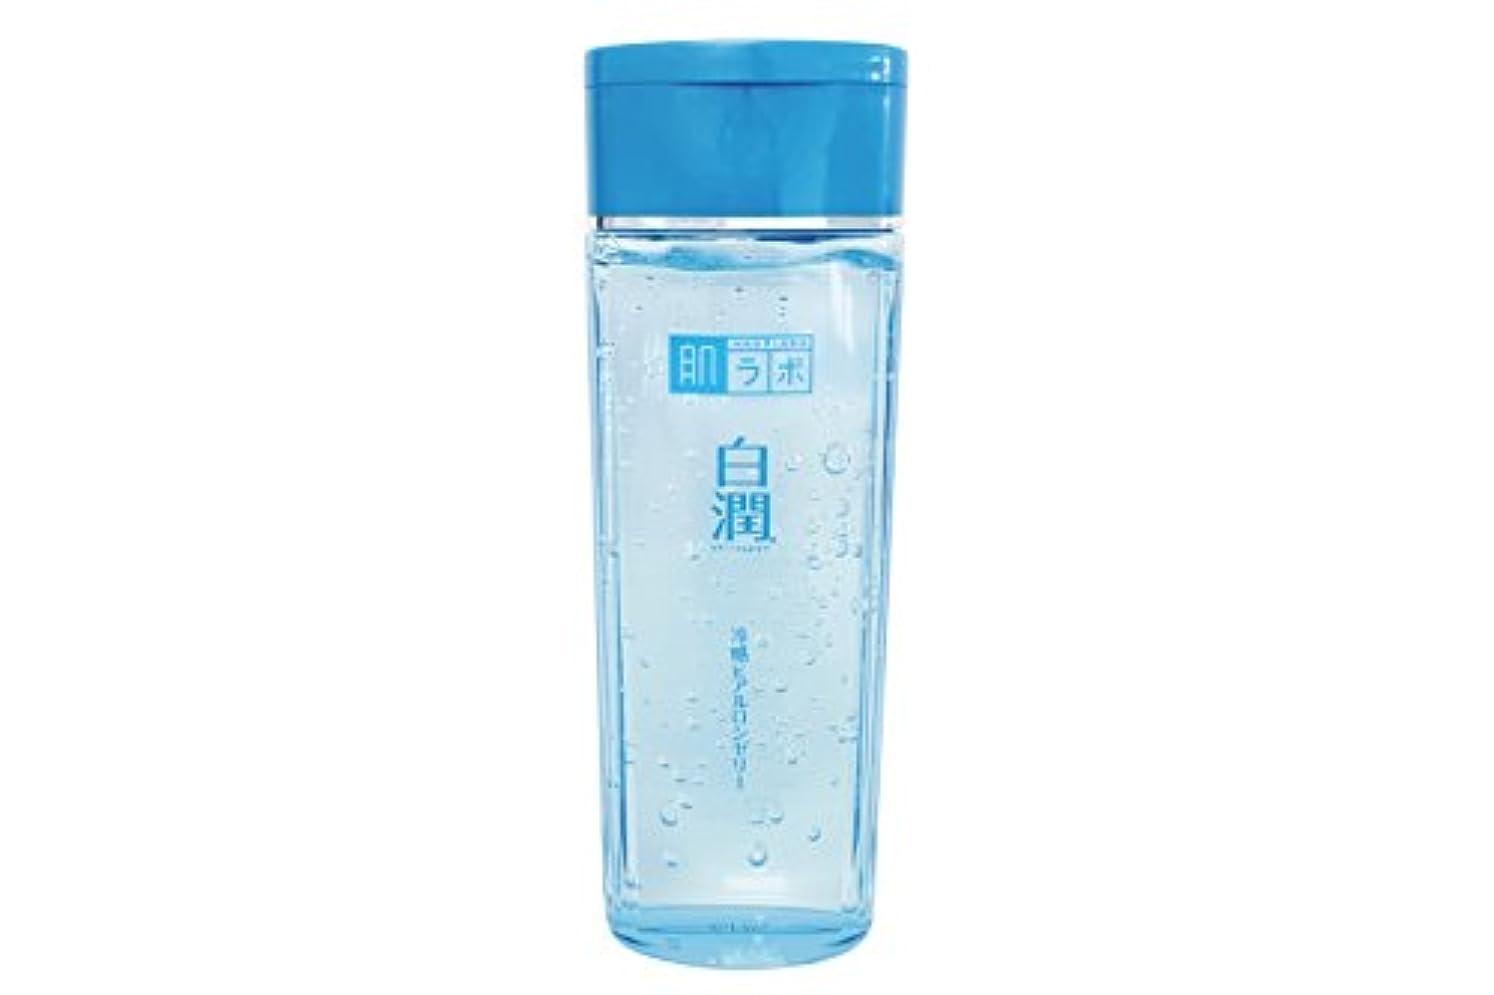 ポゴスティックジャンプ複雑申込み肌ラボ 白潤 冷感ヒアルロンゼリー 化粧水?乳液?美容液?収れん?パックの5役 4つの潤い成分配合 200mL